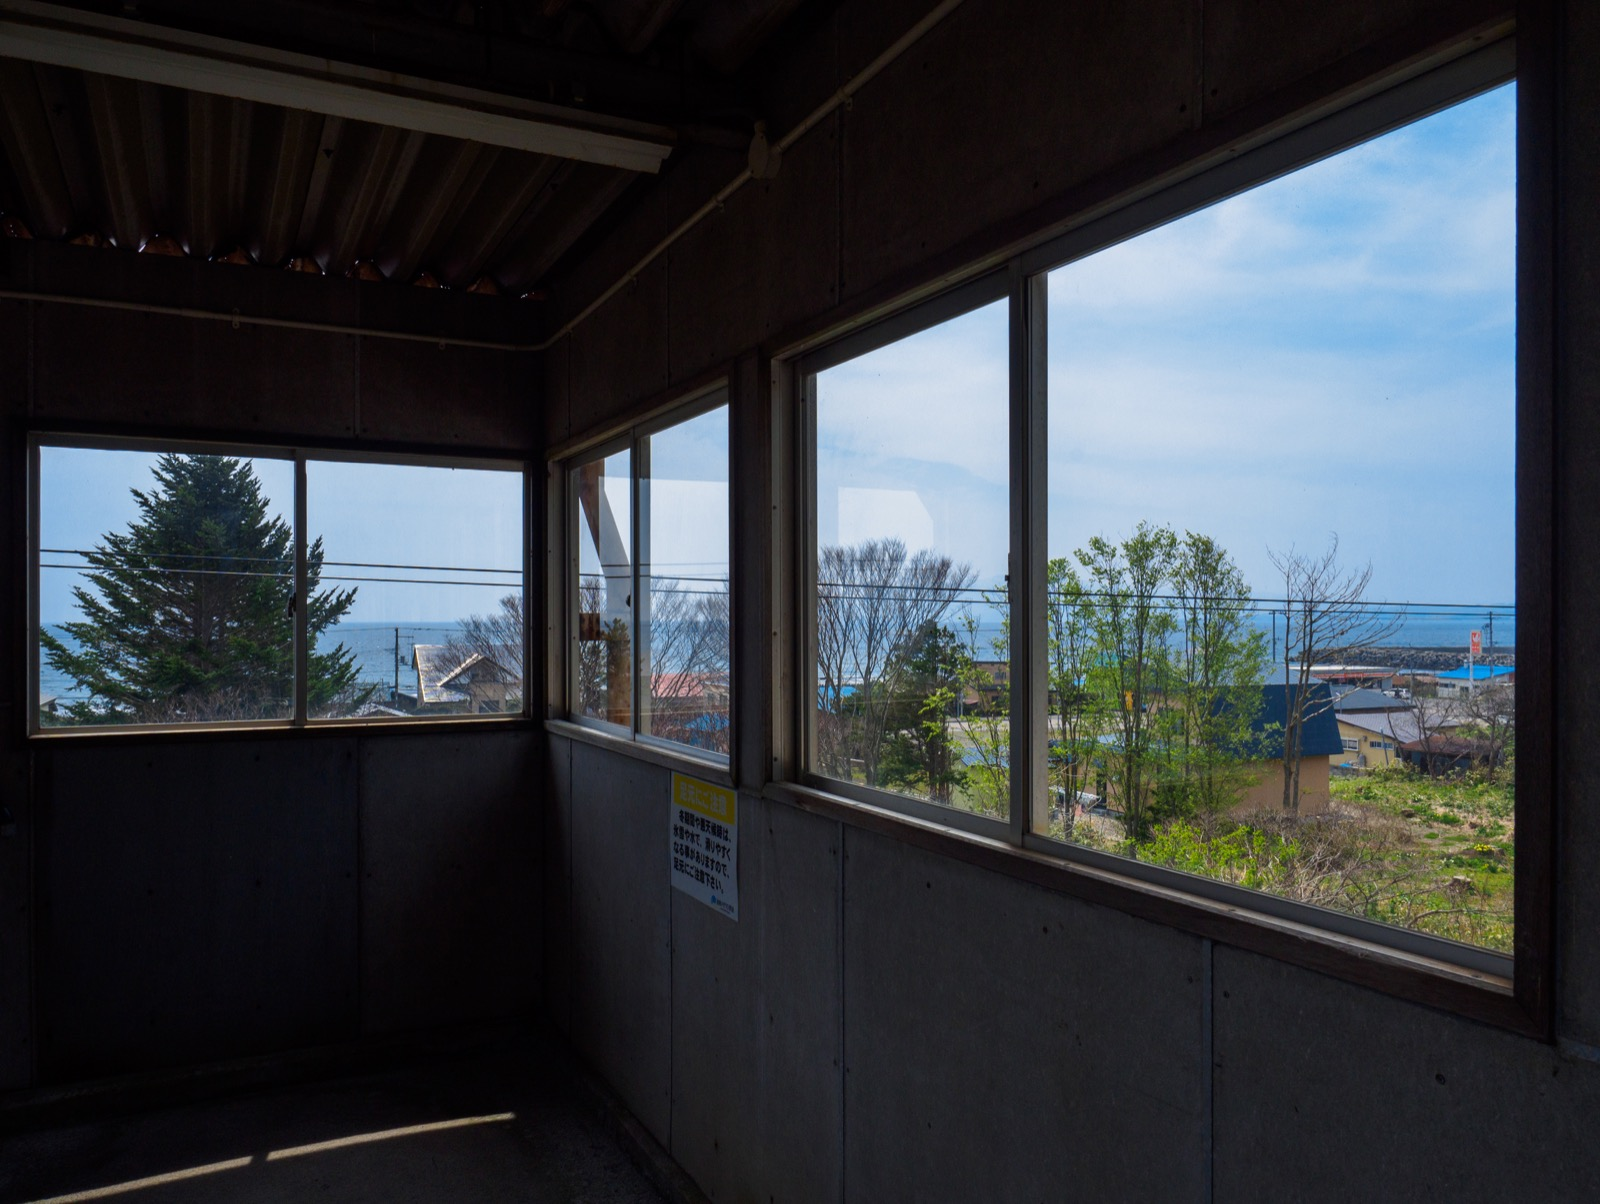 泉沢駅の跨線橋から見た津軽海峡